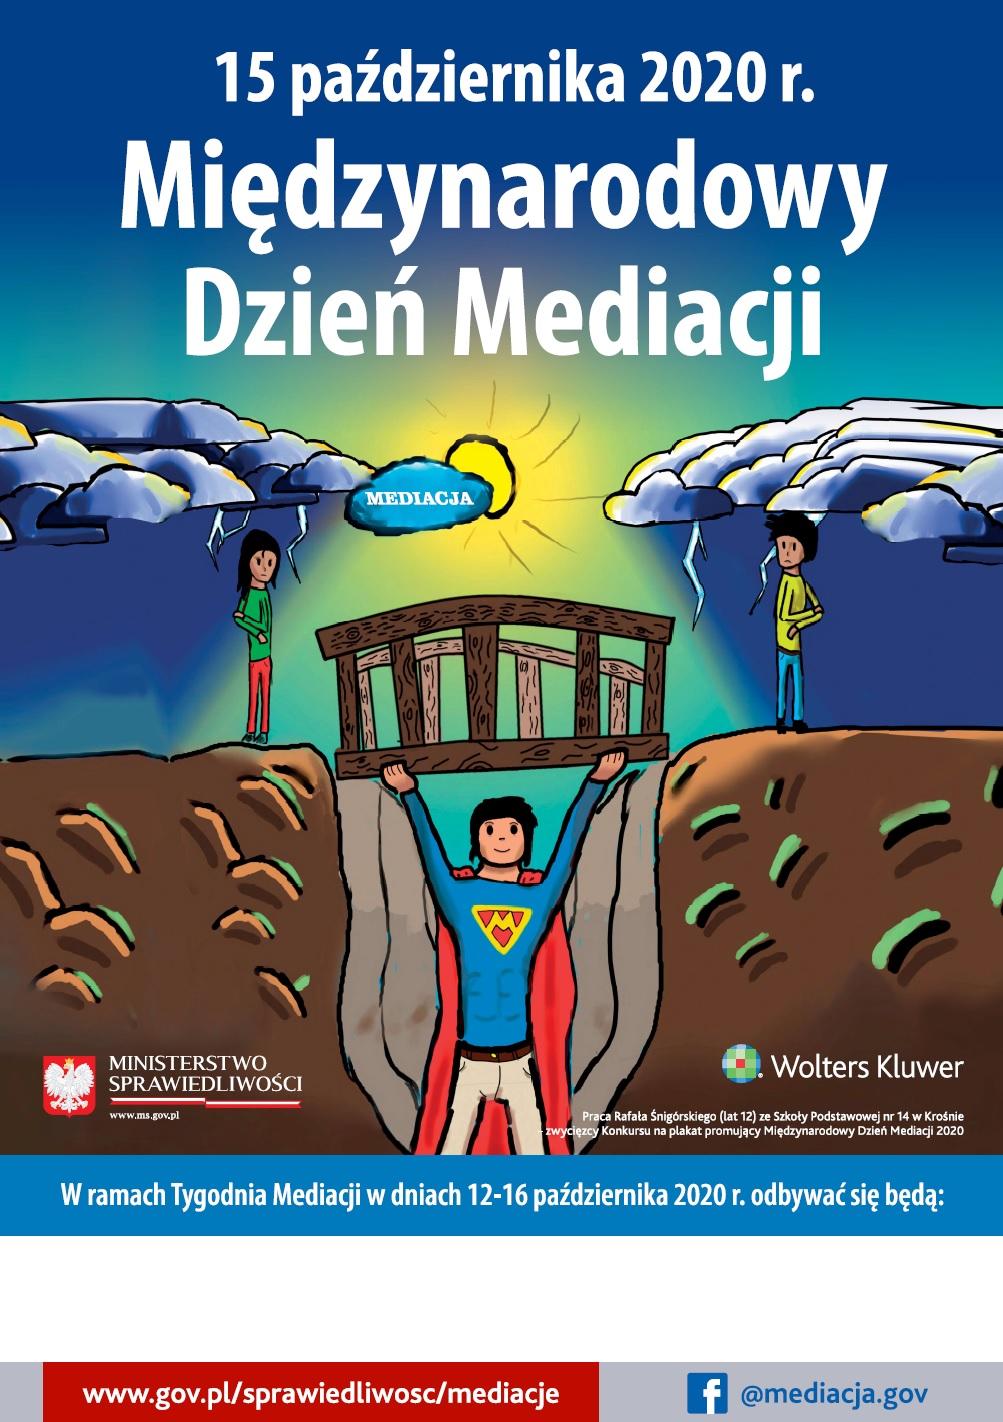 plakat promujący MDM 2020